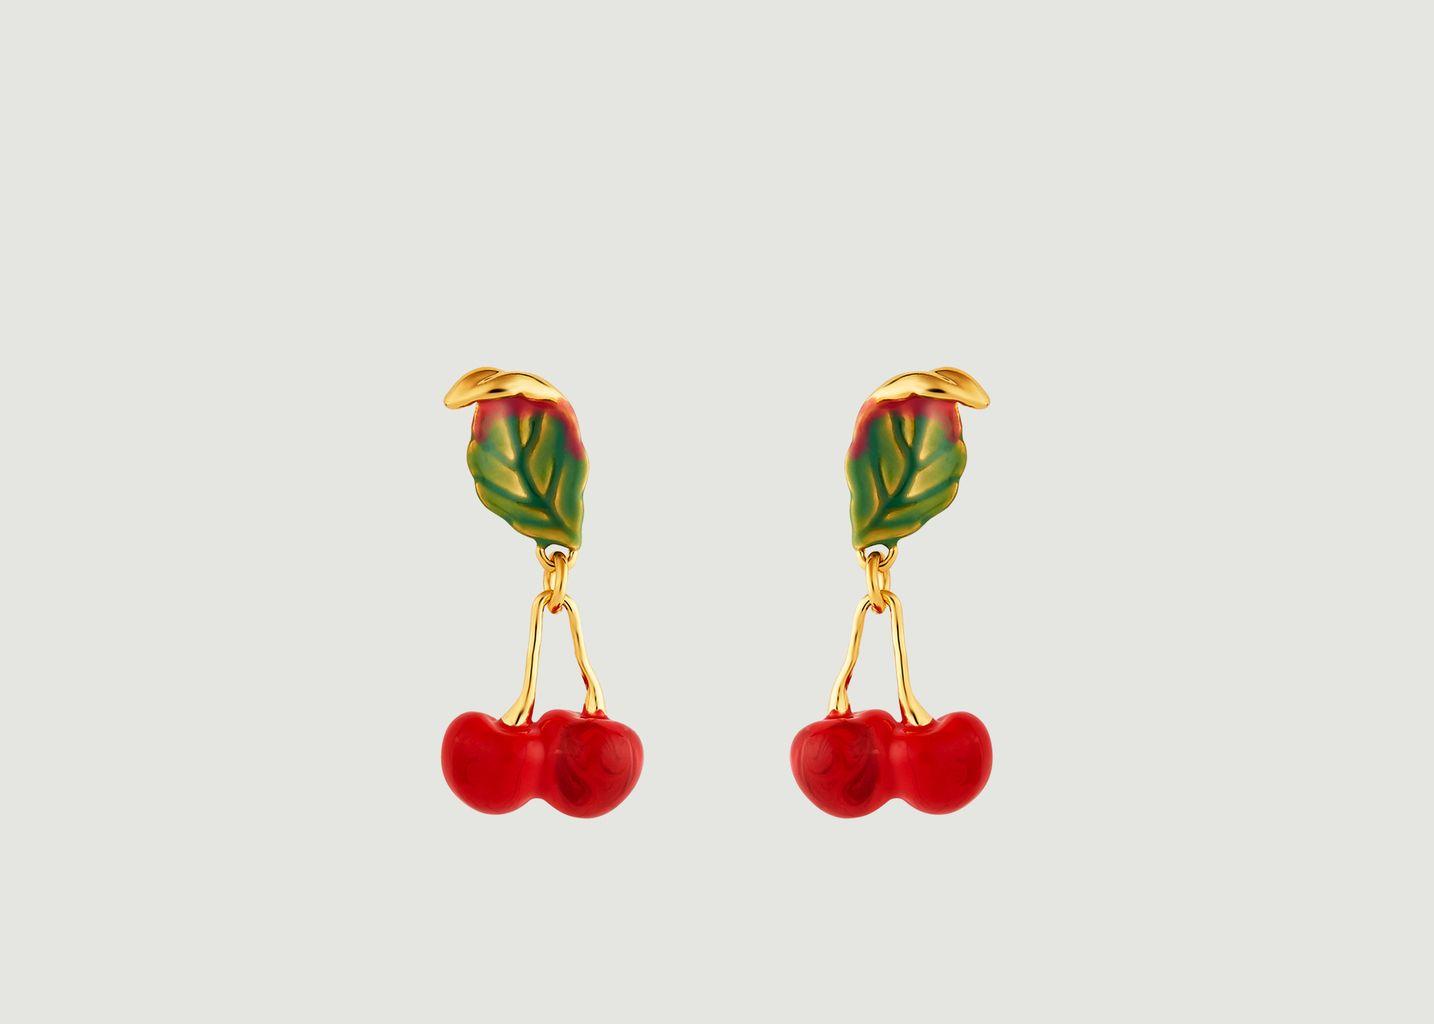 Boucles d'oreilles Exquise Cerise - Les Néréides